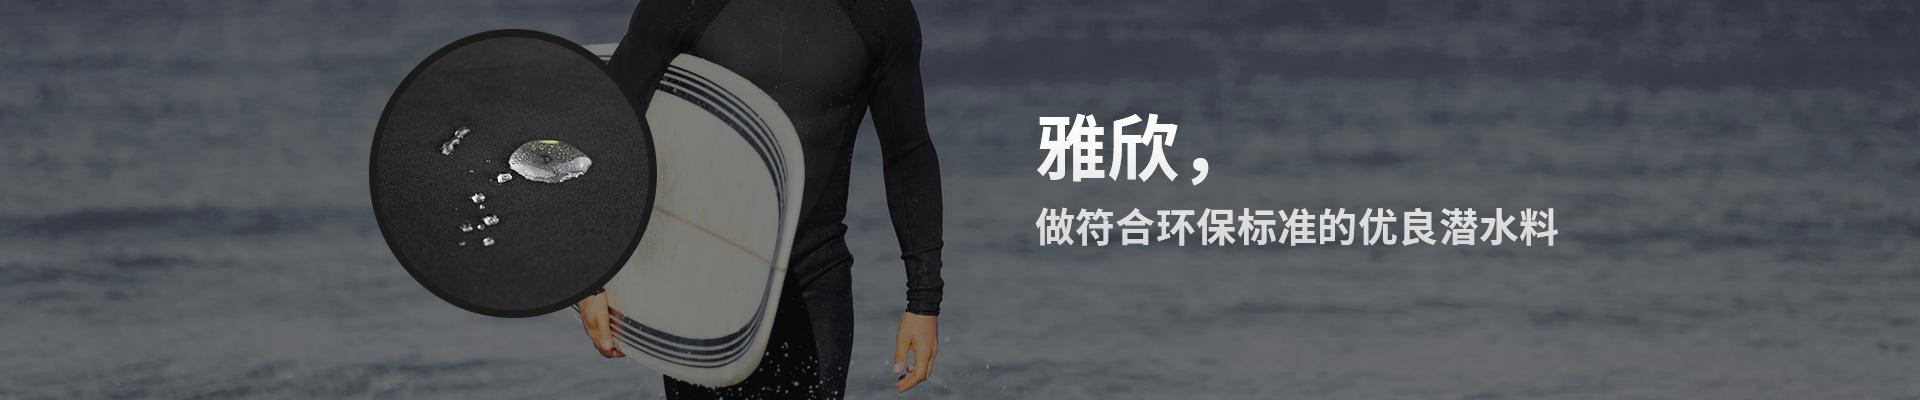 雅欣-做符合环保标准的优良潜水料